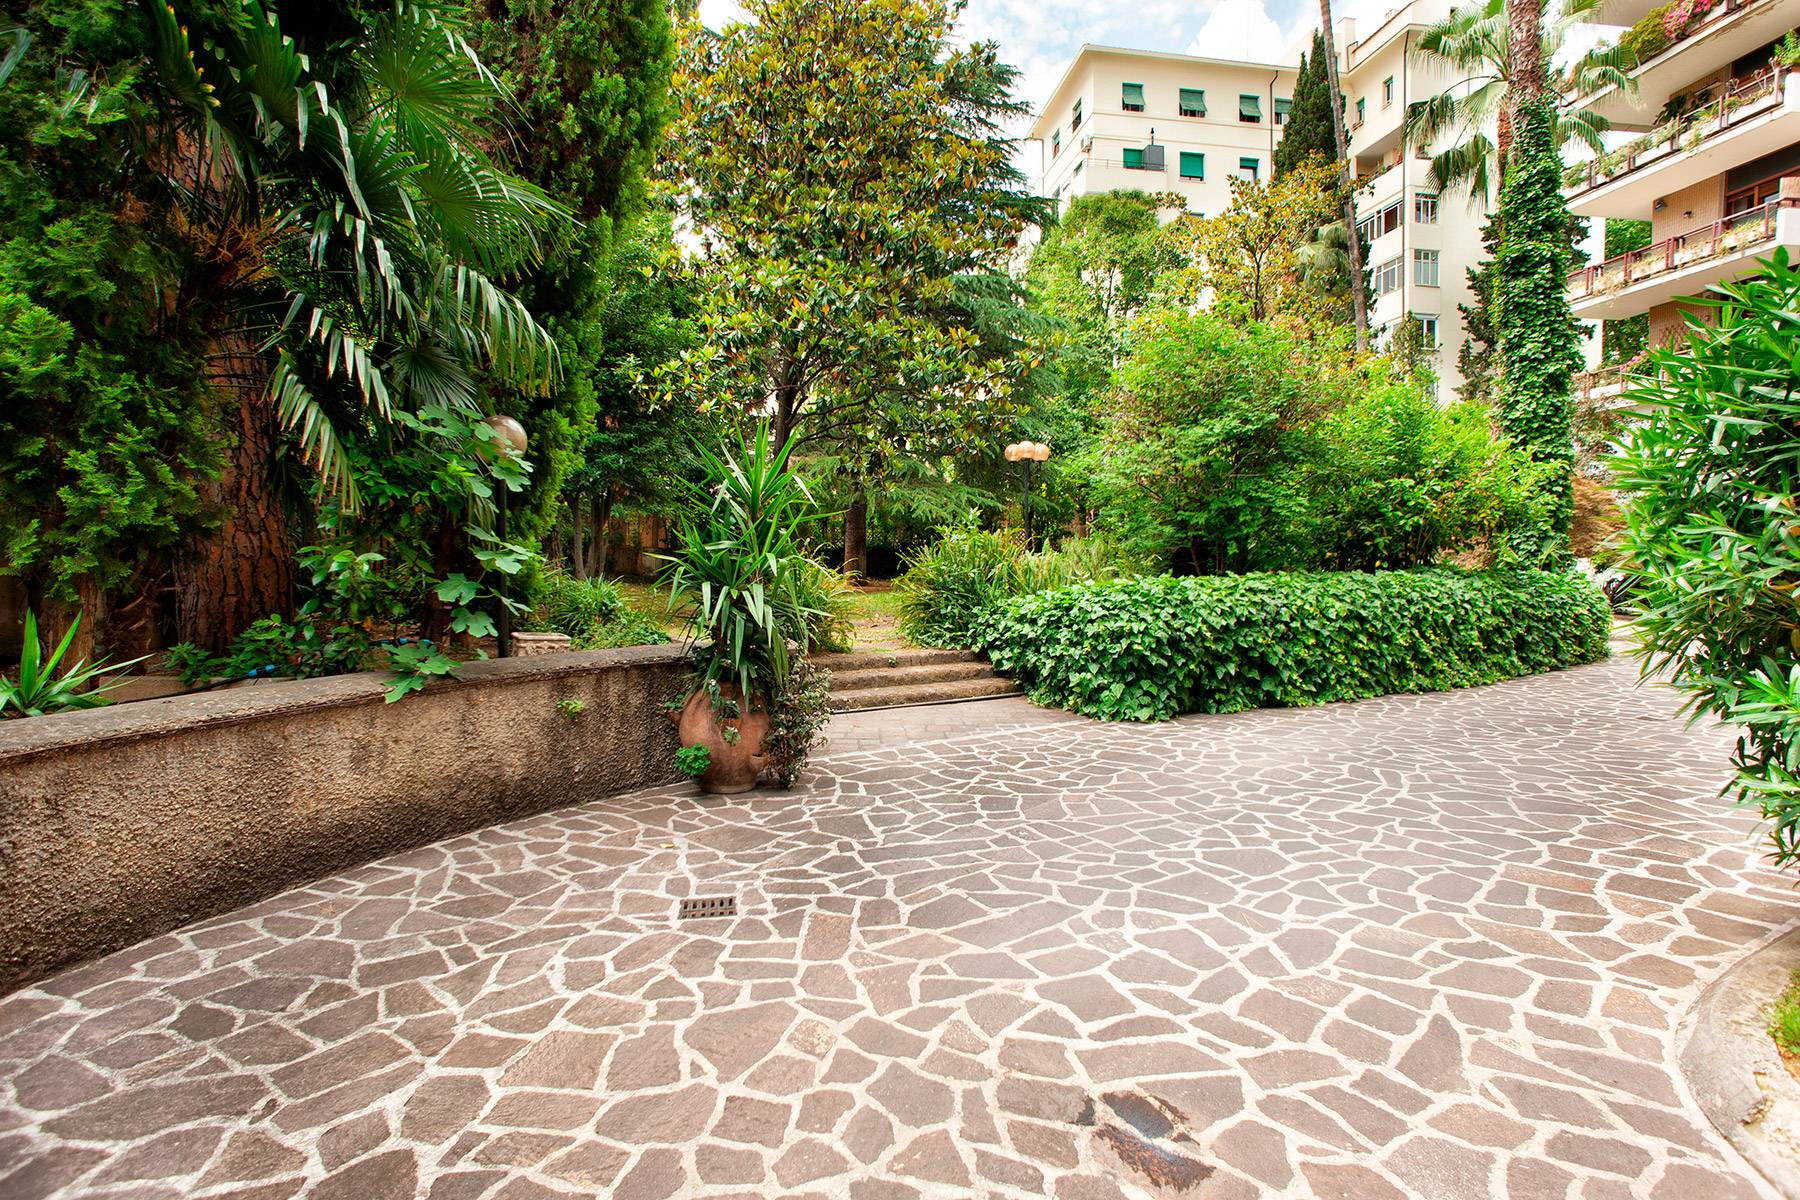 Attico in Affitto a Roma: 3 locali, 68 mq - Foto 10